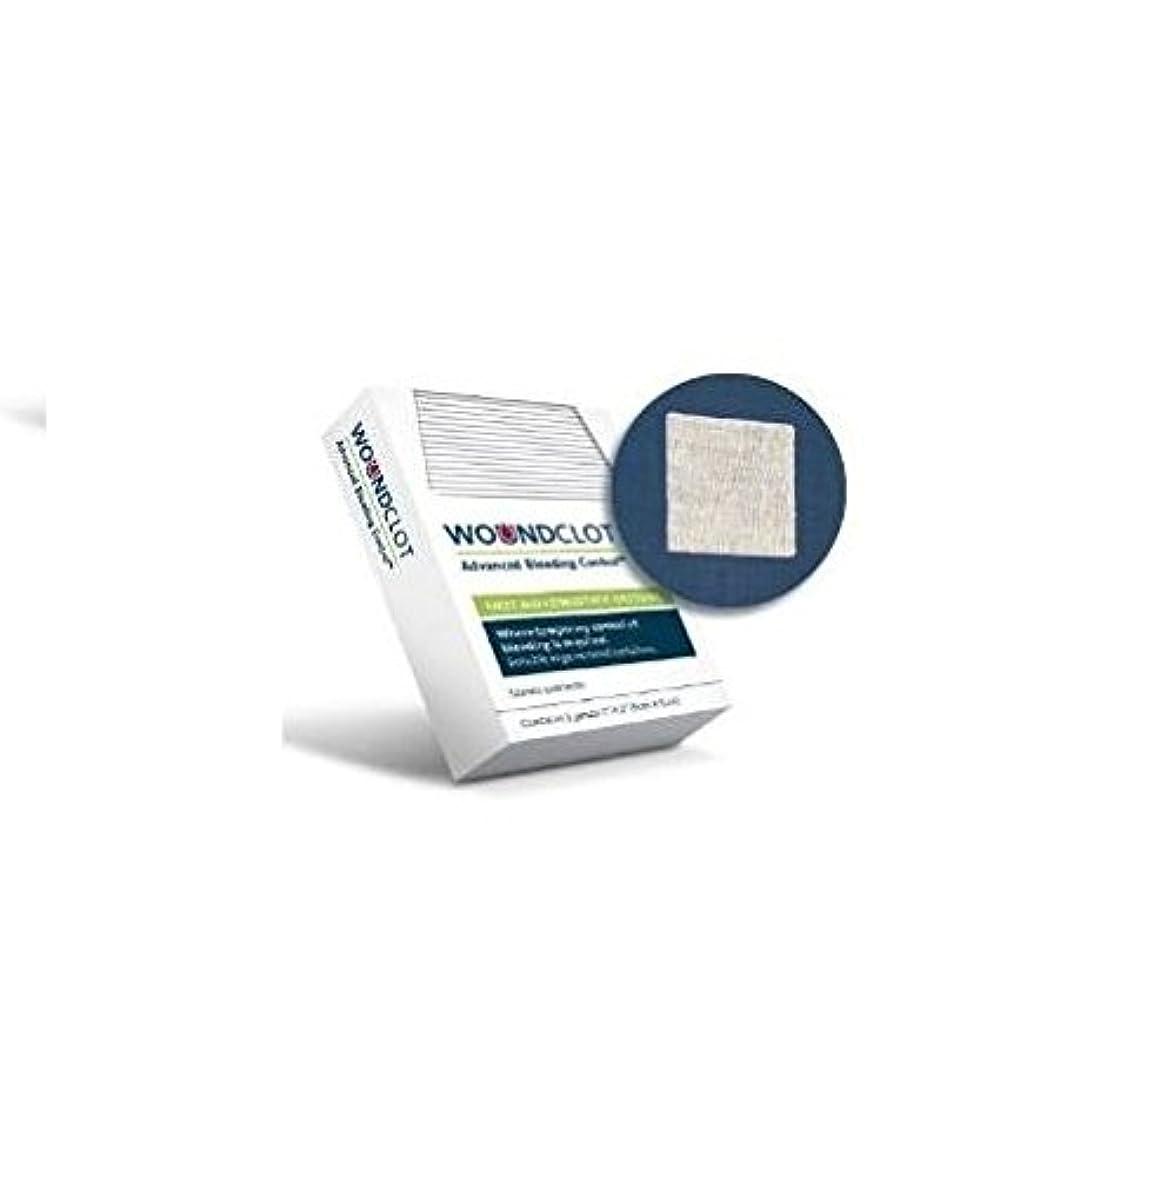 メナジェリーバイオリンパトロール水溶性止血ガーゼ – 上級出血コントロール (5cmX10cm)